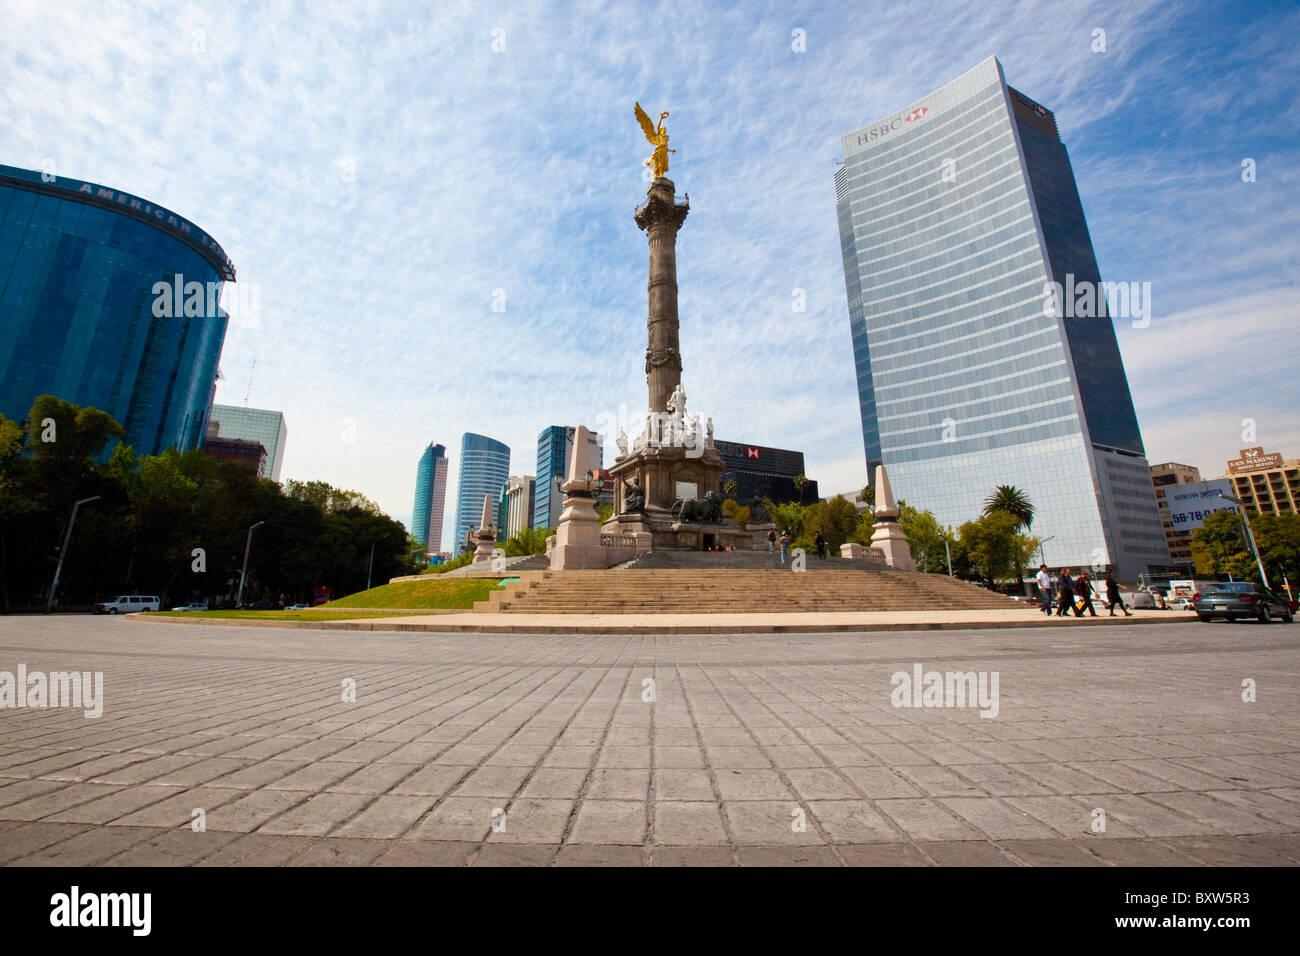 angel-de-la-independencia-on-paseo-de-la-reforma-in-mexico-city-BXW5R3.jpg